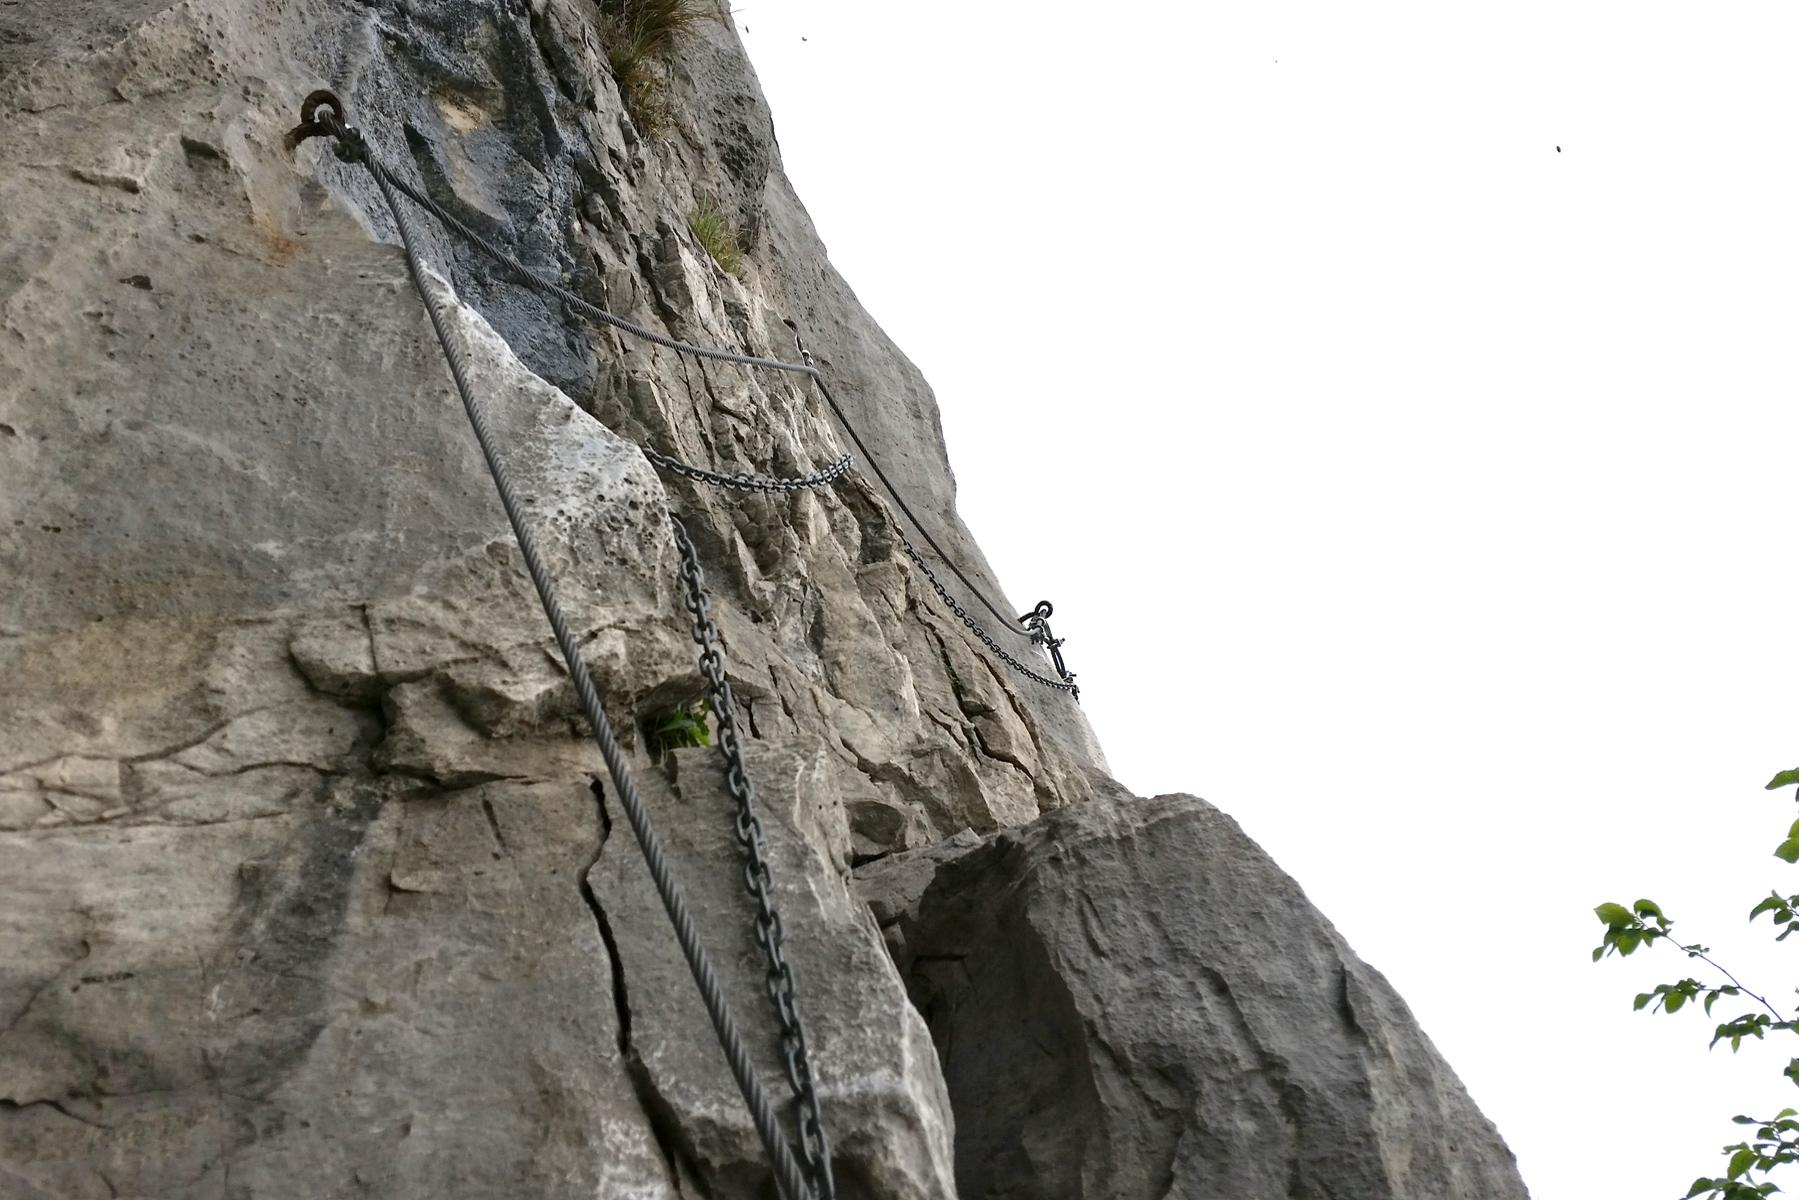 Klettersteig Comer See : Klettersteig kletterschule alpinschule bergaufbergab weiler